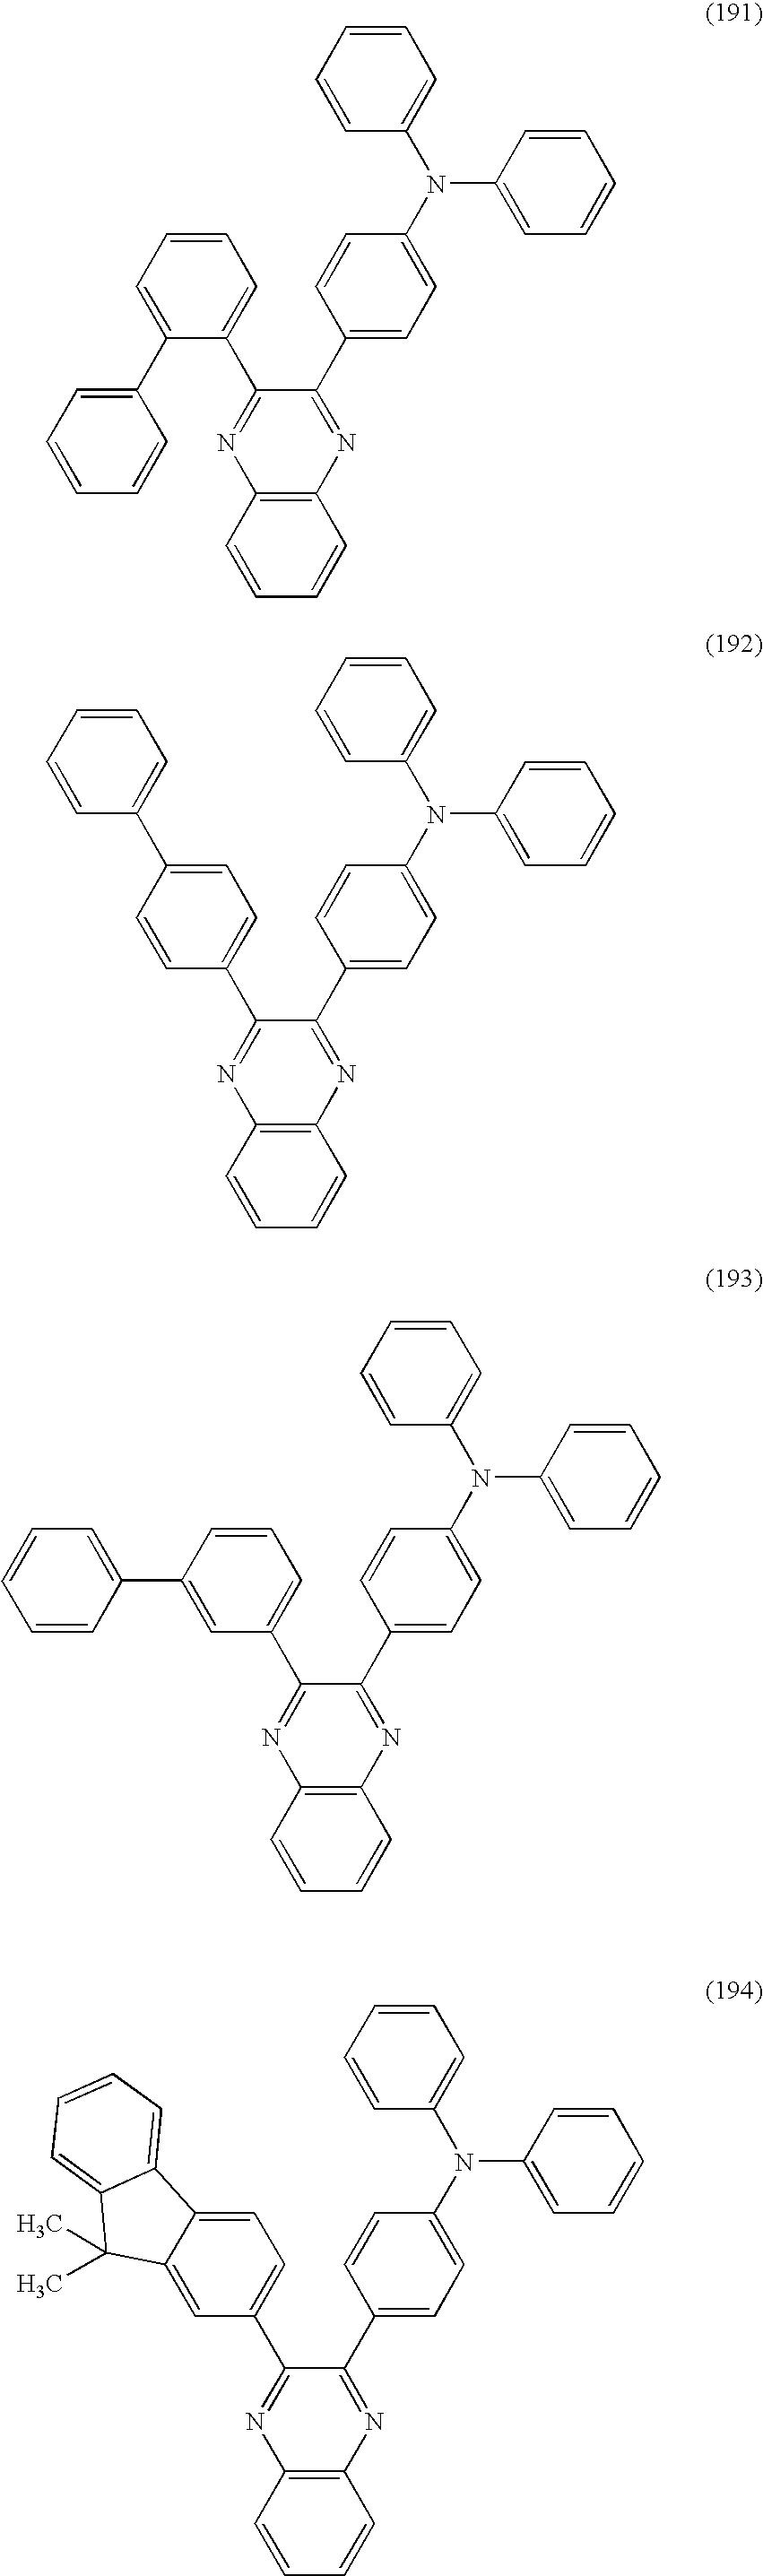 Figure US08178216-20120515-C00065